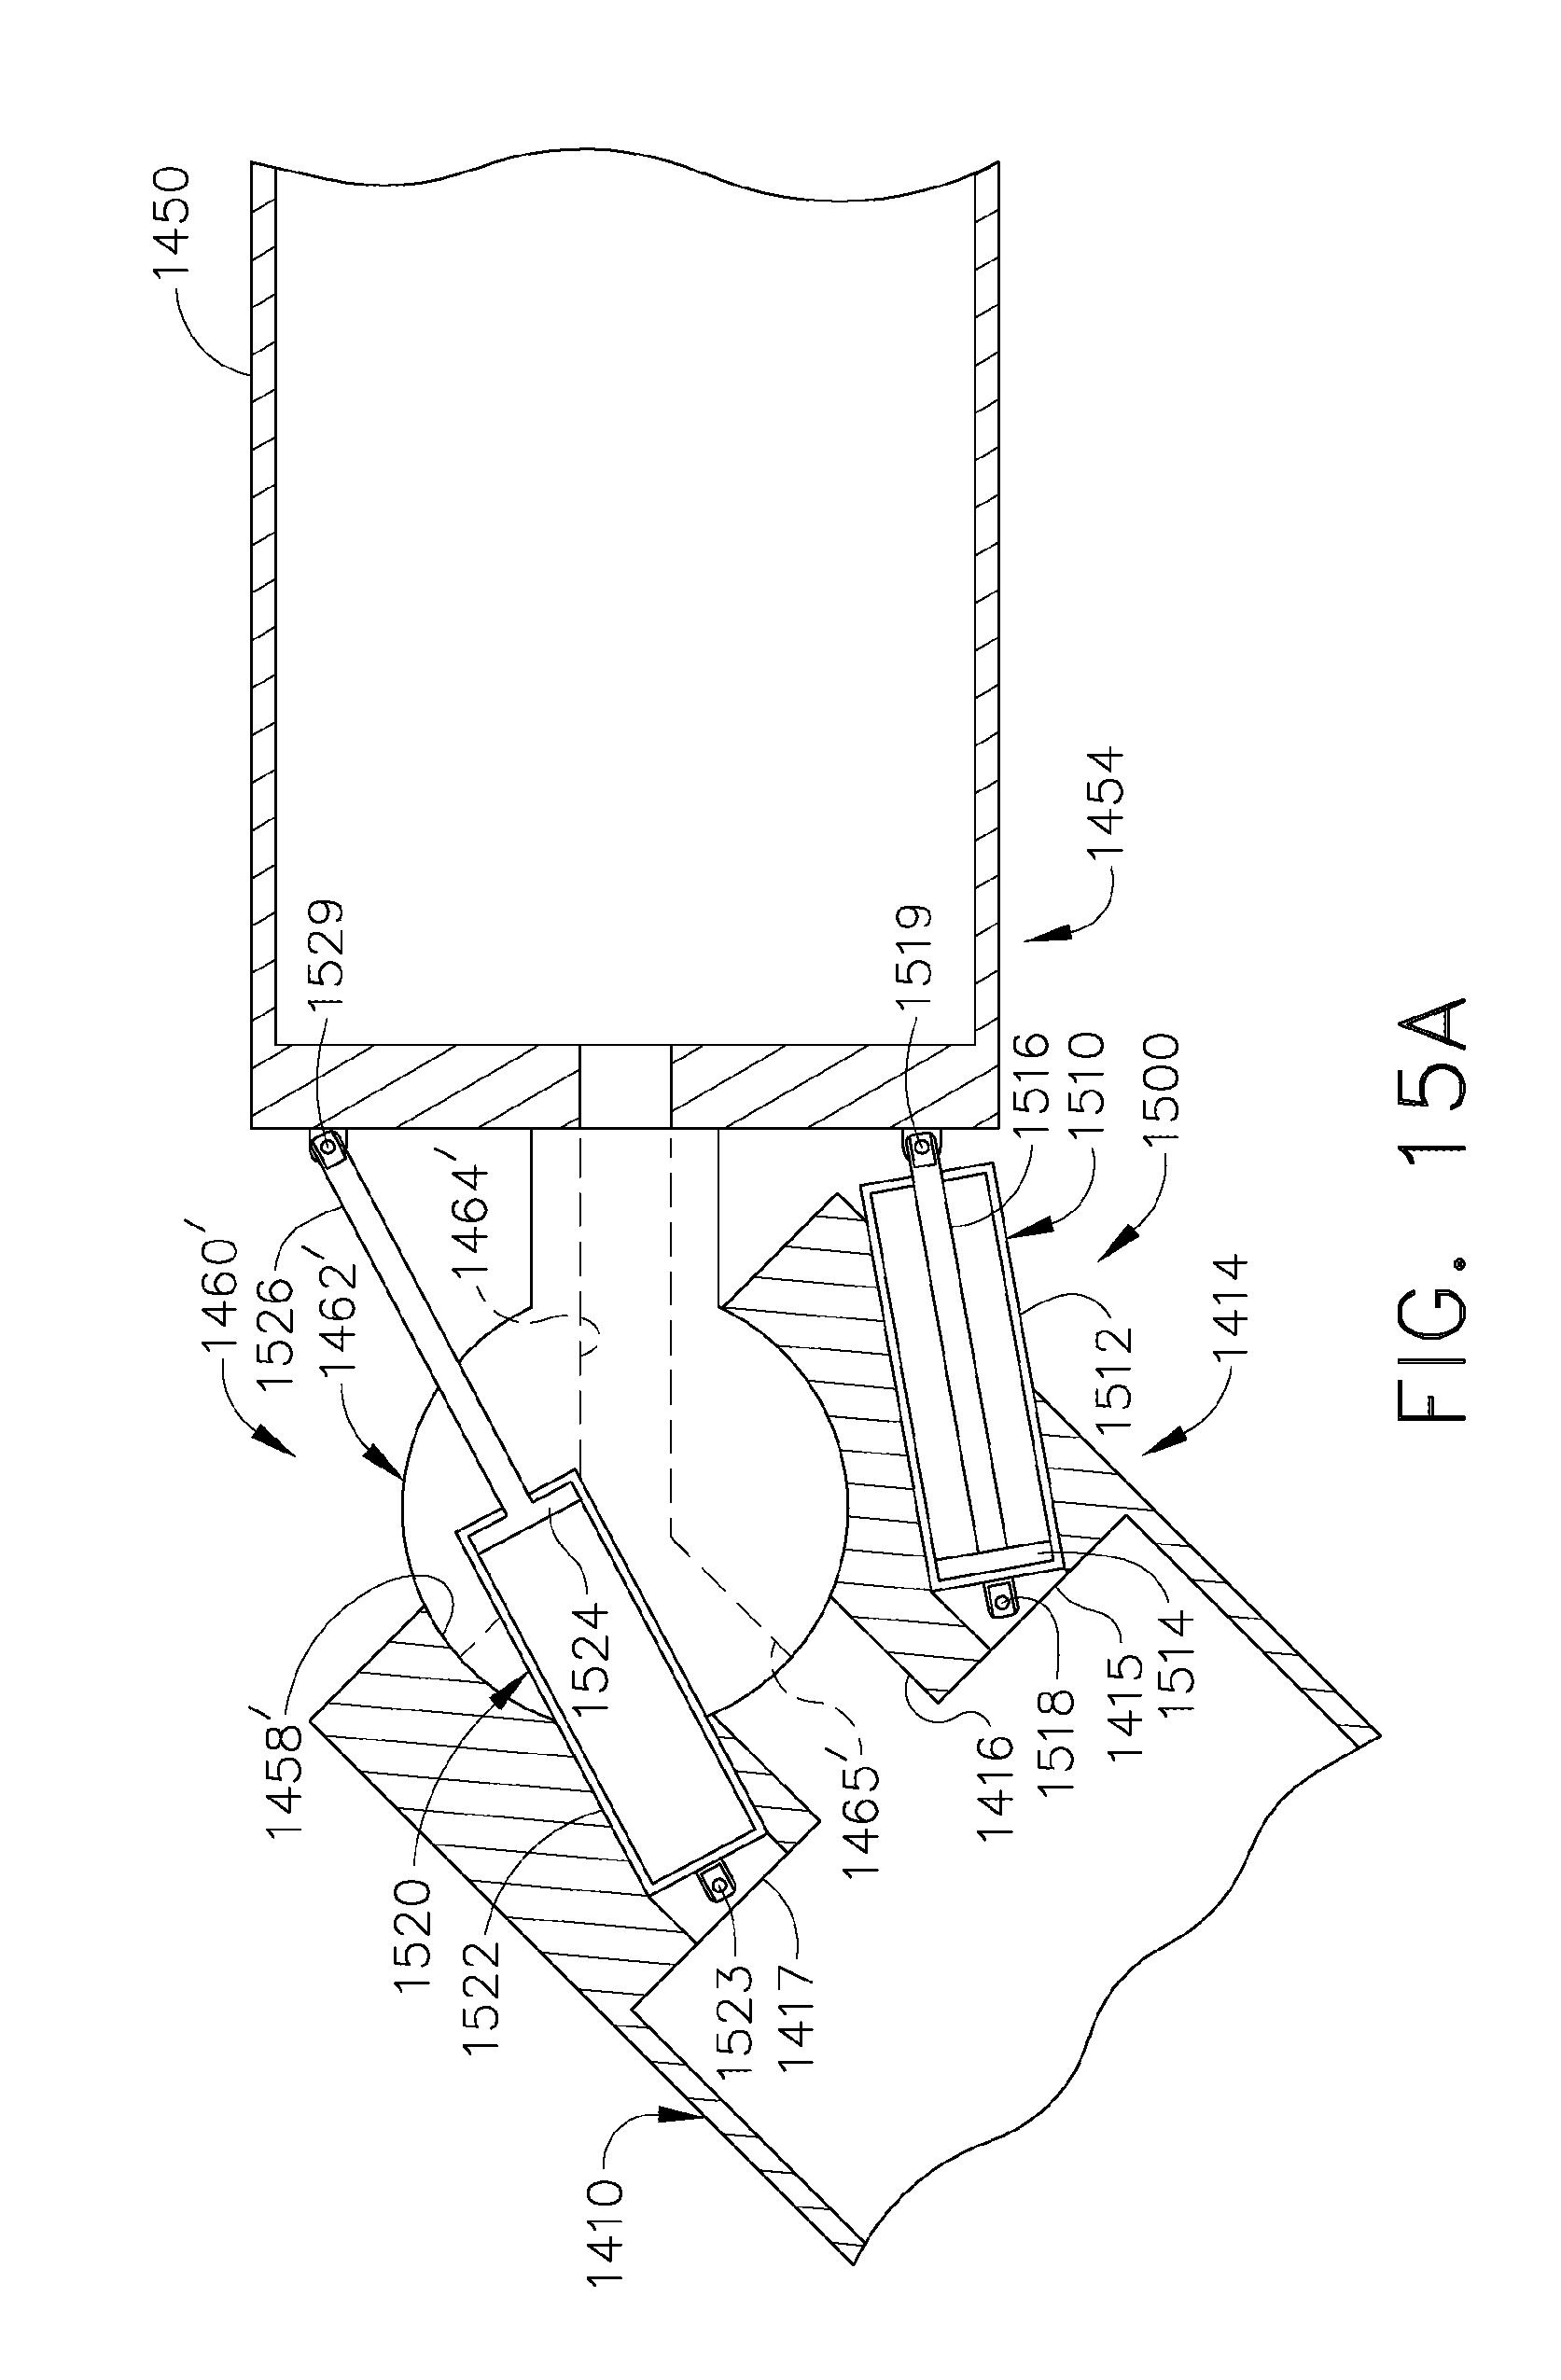 Wiring Diagram Bayonet Light Ing Free Download Wiring Diagrams